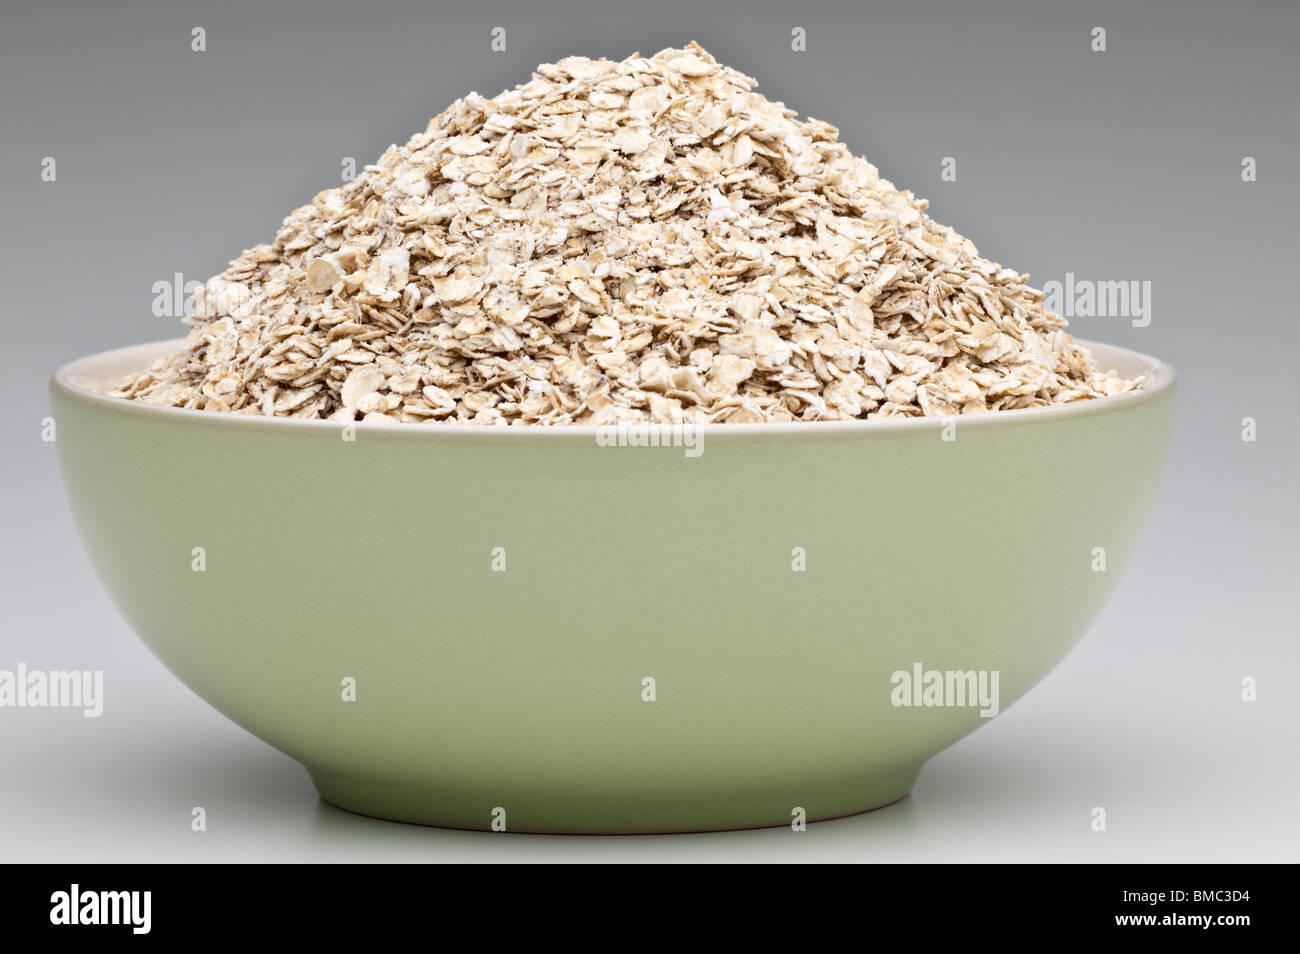 Green breakfast bowl brimming full of porridge oats - Stock Image